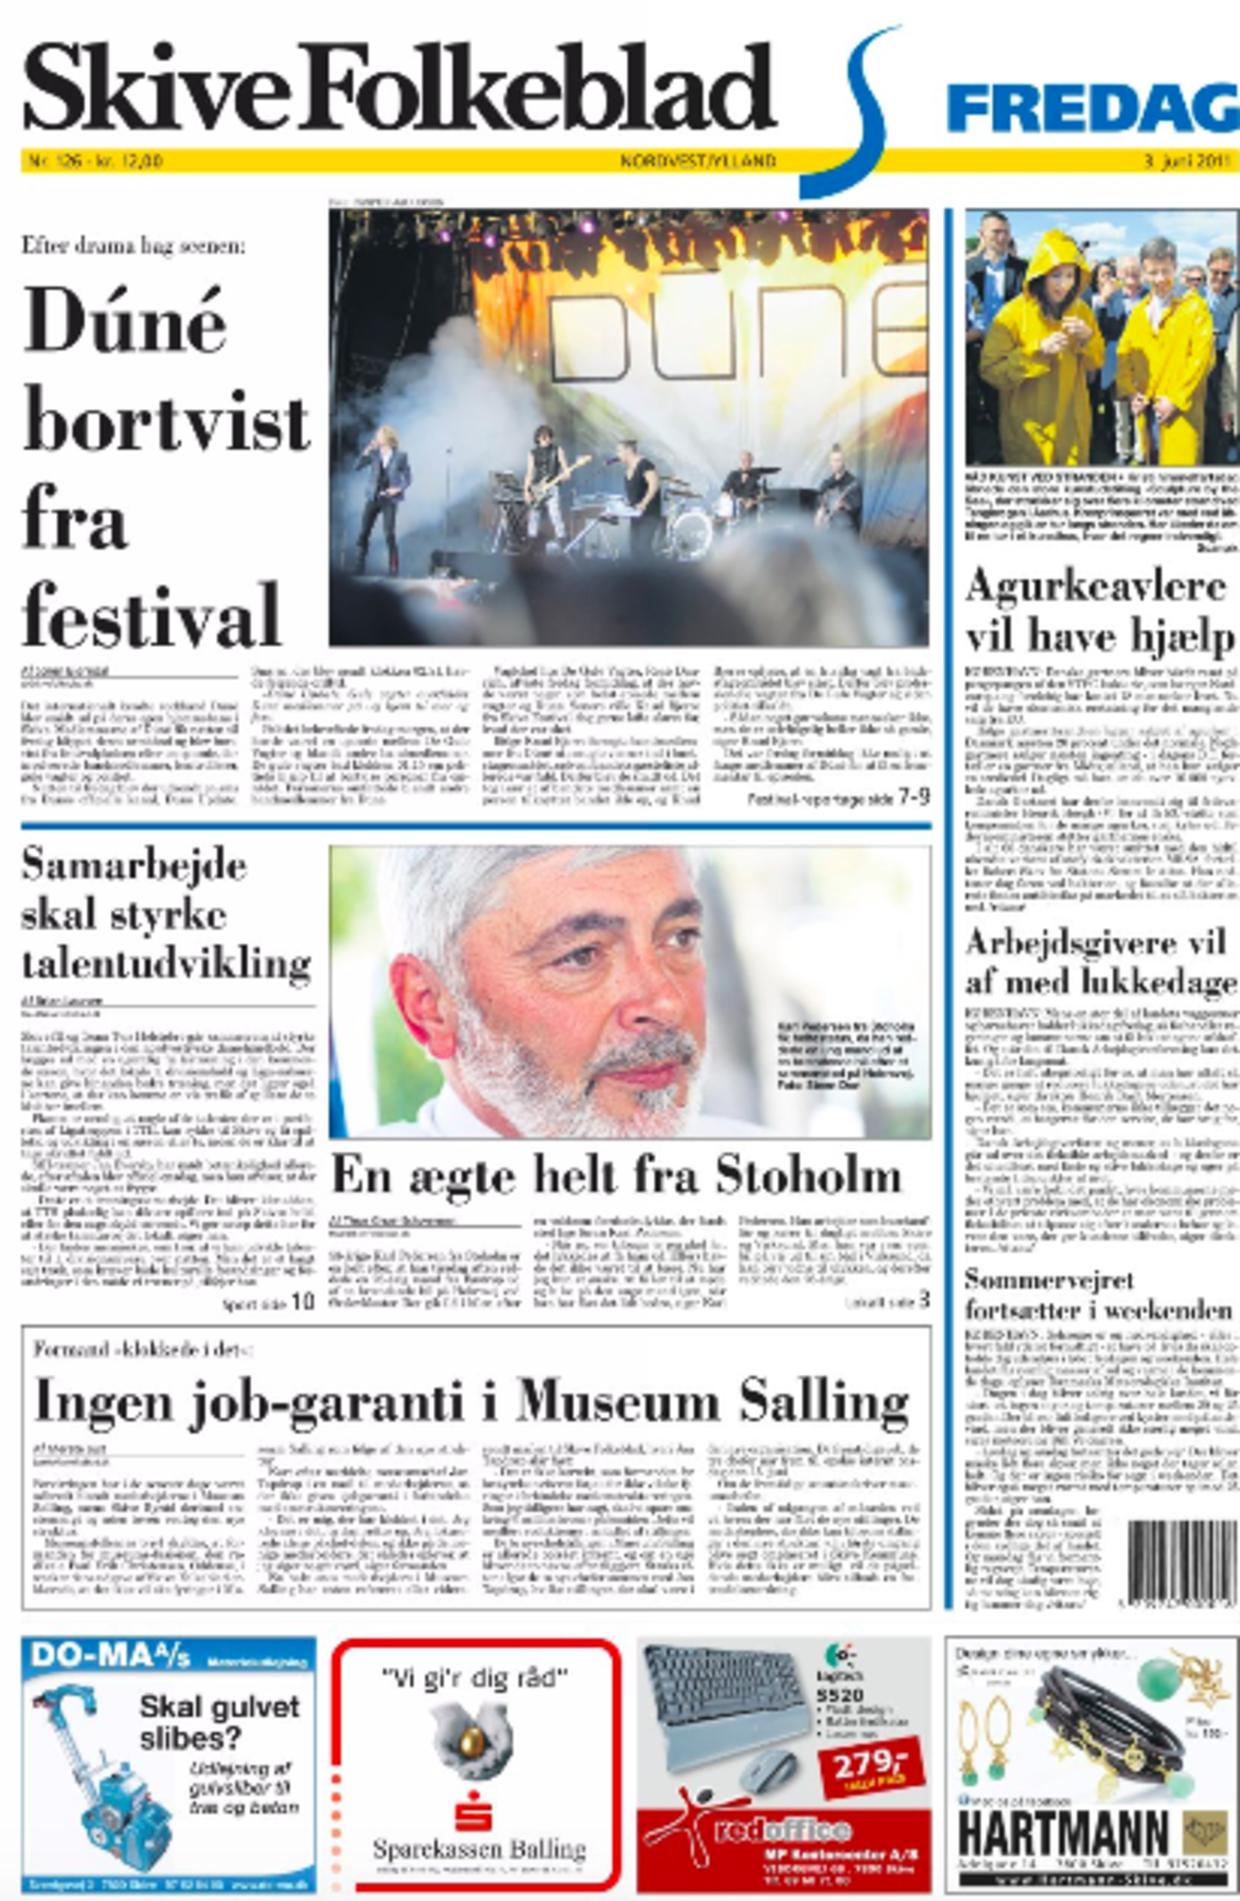 Forsiden af Skive Folkeblad, dagen efter Dúné-sanger Mattias Kolstrup havde tippet om deres festival-drama.